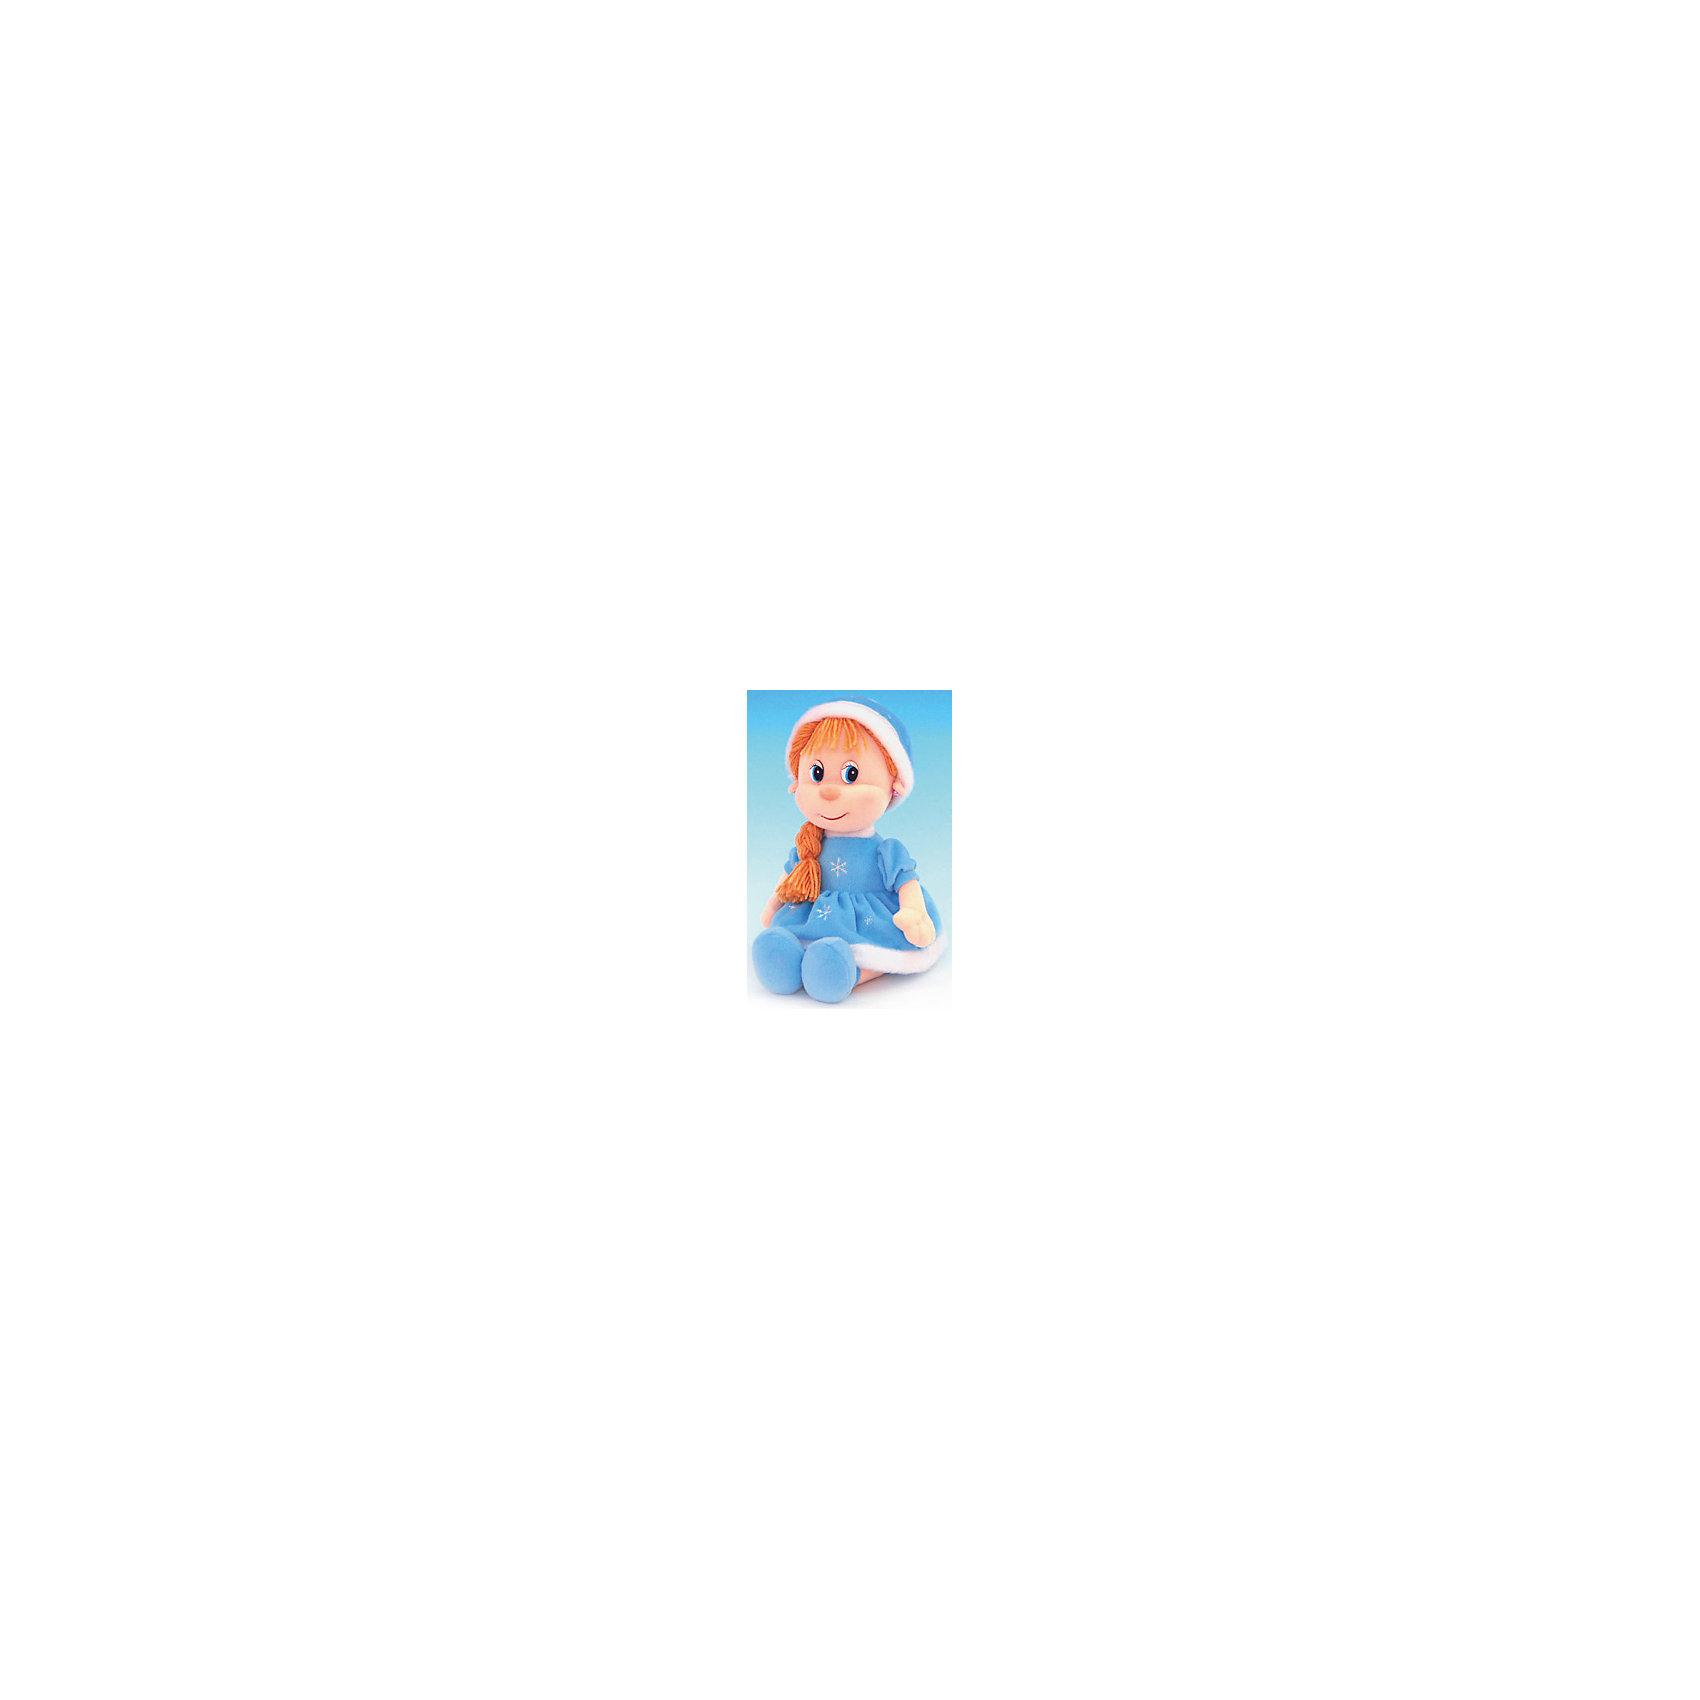 Снегурочка музыкальная, LAVAОчаровательная Снегурочка споет девочке песенку и обязательно позабавит малышку. Волосы куклы изготовлены из ниток, они не запутаются, не требуют постоянного расчесывания, поэтому их удобно заплетать даже самым маленьким девочкам. Игрушка выполнена из высококачественного гипоаллергенного материала, очень приятна на ощупь, абсолютно безопасна для детей.  <br><br>Дополнительная информация:<br><br>- Материал: текстиль, синтепон, пластик.<br>- Высота: 32 см. <br>- Поет песенку. <br>- Элемент питания: батарейка (в комплекте).<br><br>Снегурочку, музыкальную, LAVA (ЛАВА) можно купить в нашем магазине.<br><br>Ширина мм: 150<br>Глубина мм: 150<br>Высота мм: 230<br>Вес г: 250<br>Возраст от месяцев: 36<br>Возраст до месяцев: 1188<br>Пол: Женский<br>Возраст: Детский<br>SKU: 4444148